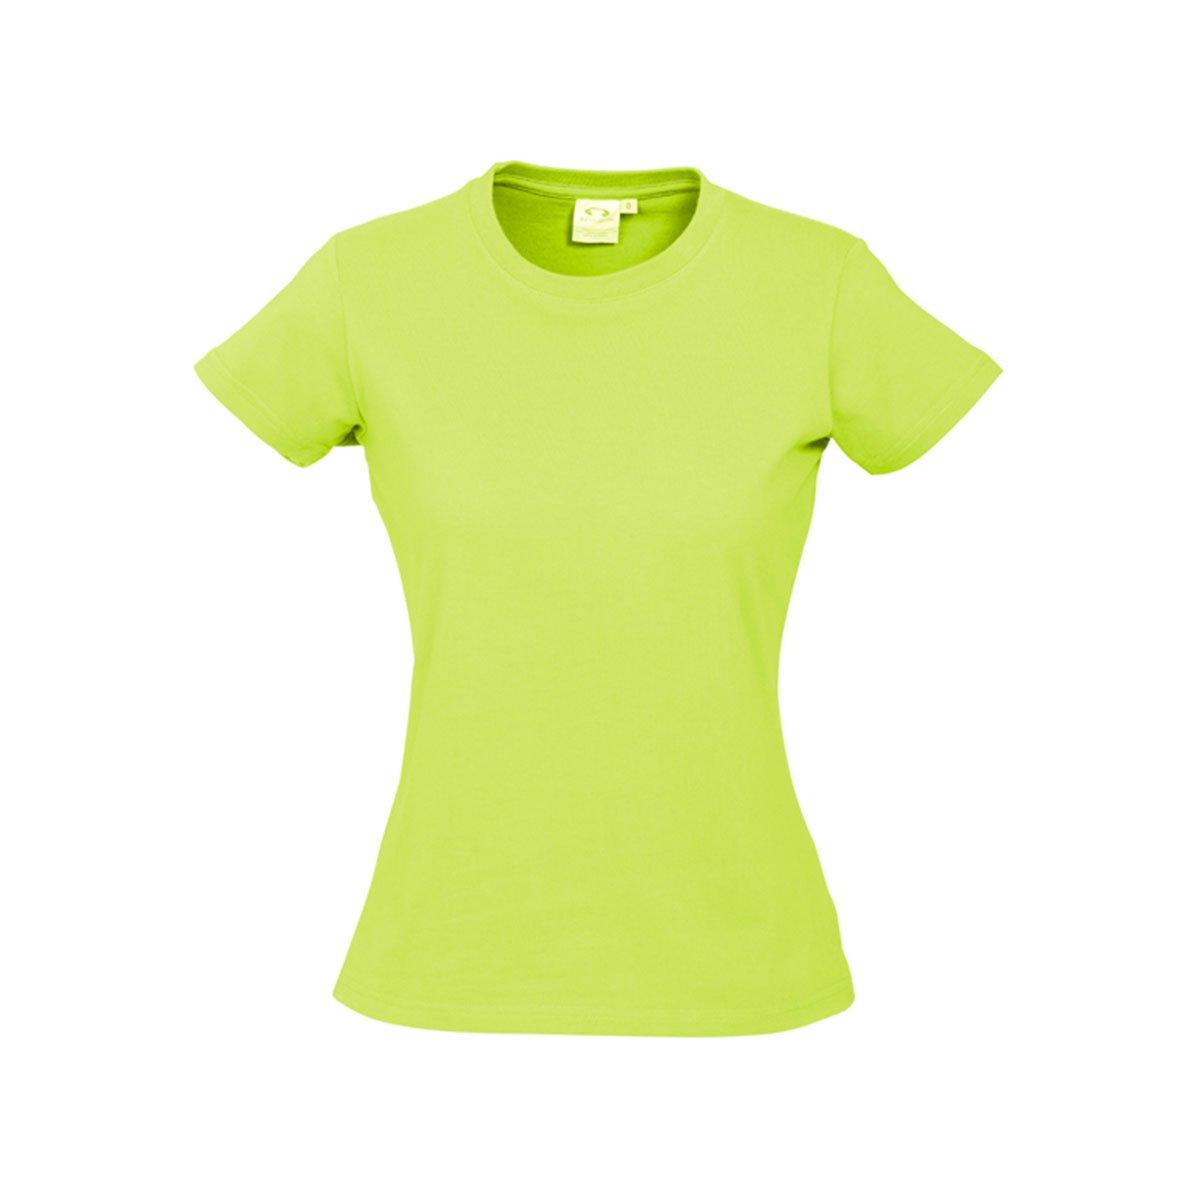 Ladies Ice Tee-Fluoro Yellow / Lime